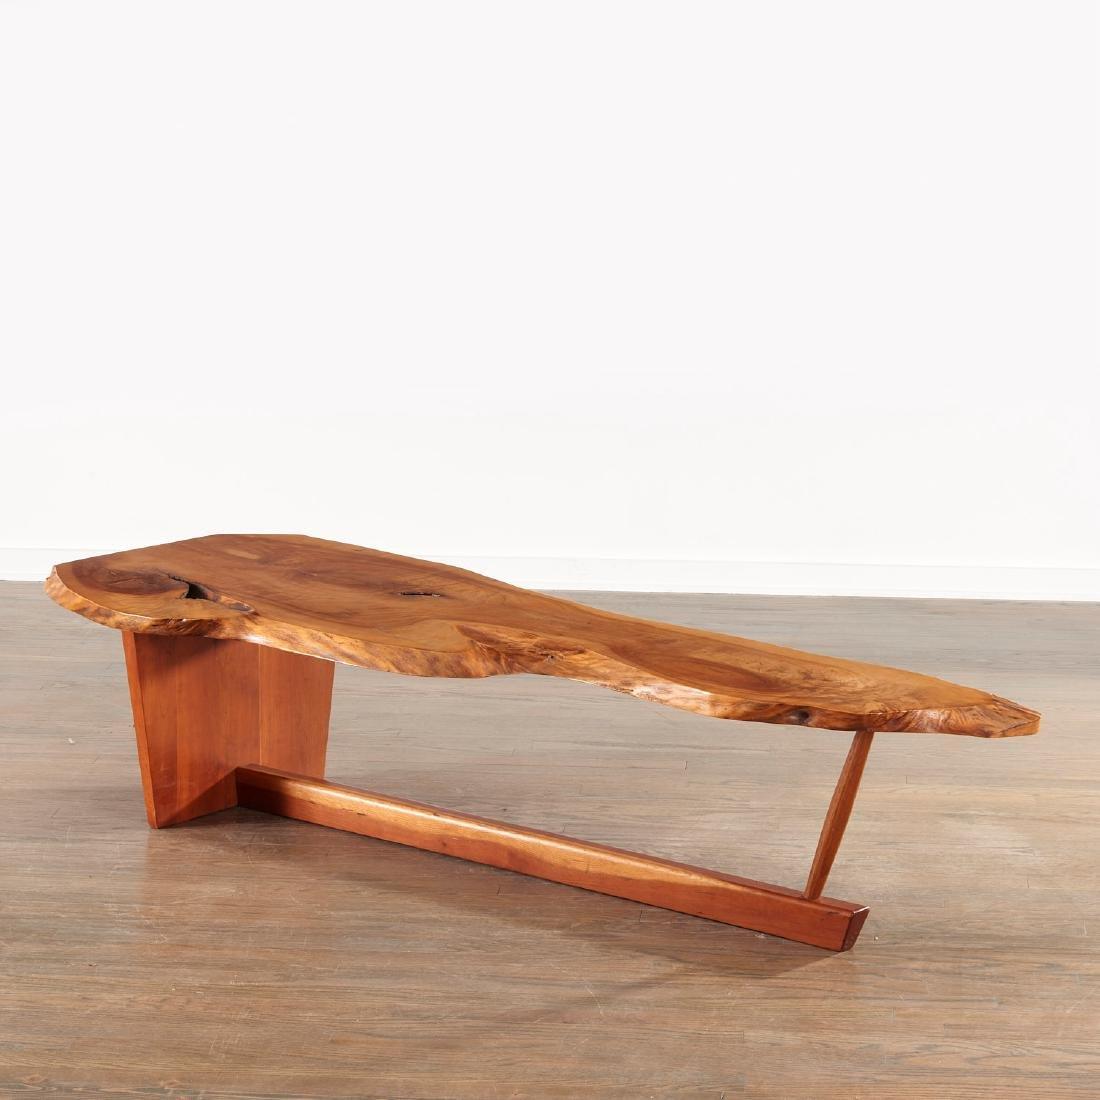 George Nakashima (attrib.) Minguren coffee table